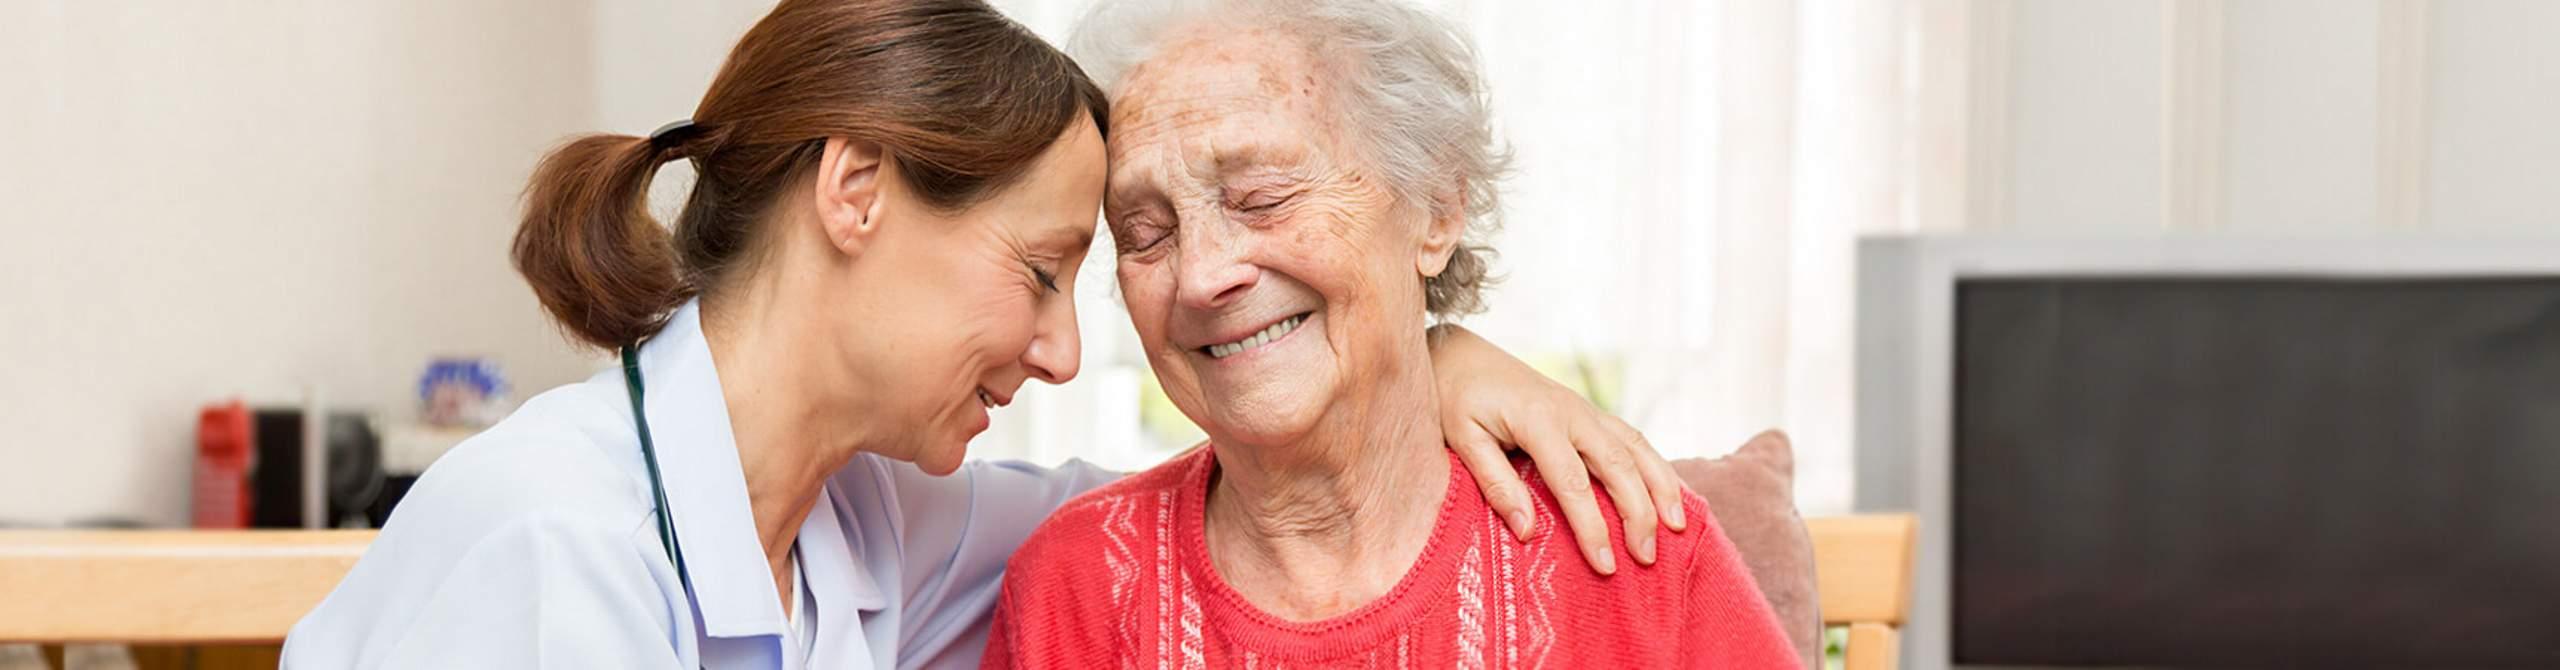 Pflegerin umarmt ältere Frau.